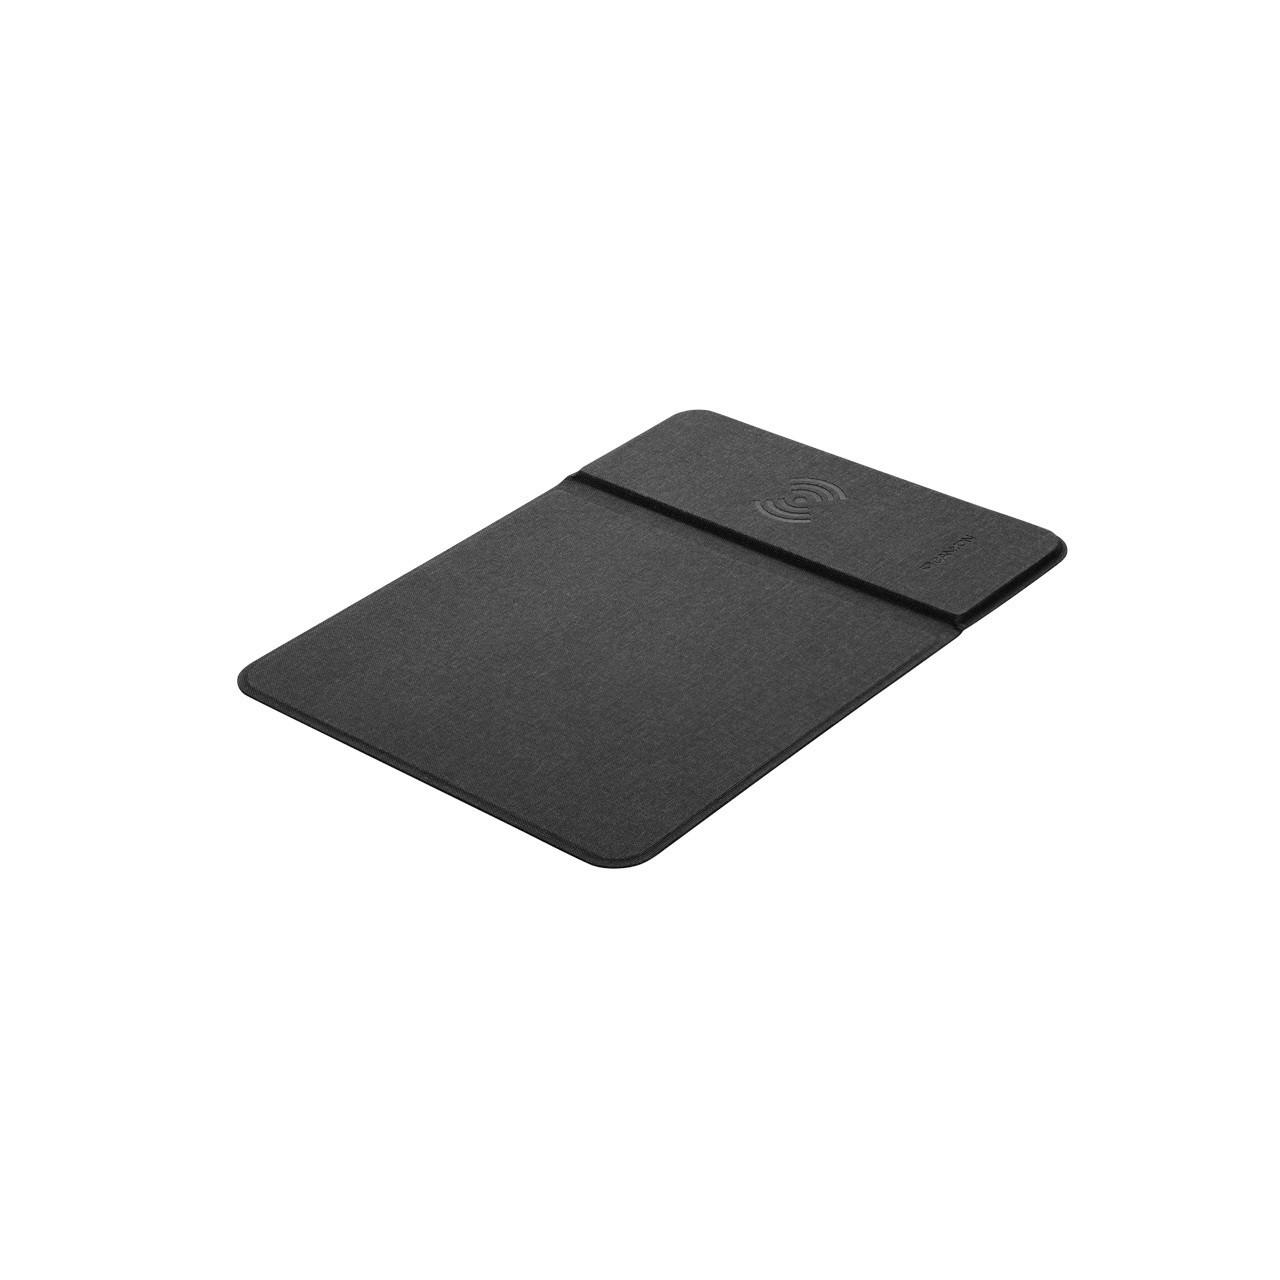 Коврик для мыши Canyon CNS-CMPW5 Black с беспроводной зарядкой QI